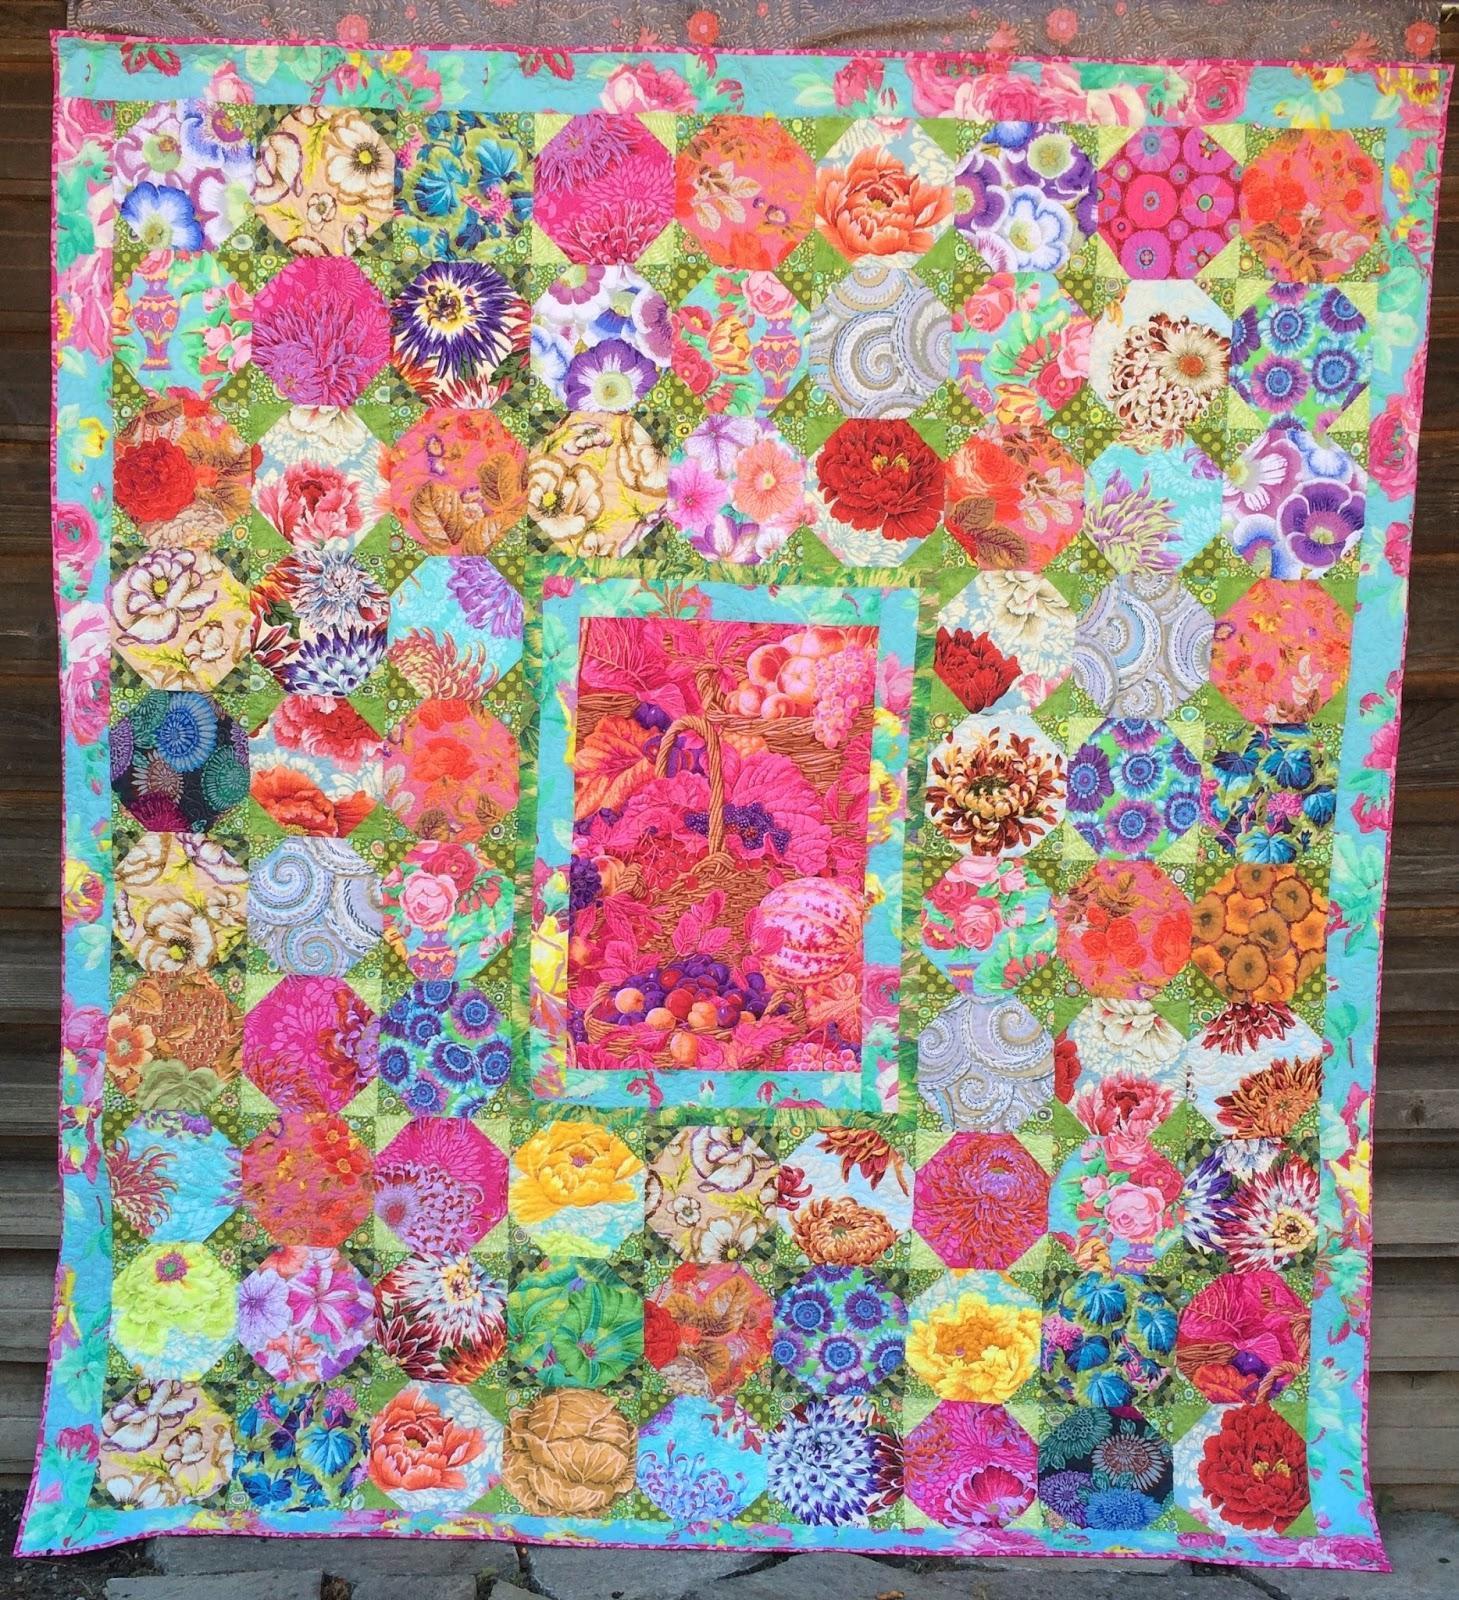 Quilt Patterns Snowball Block : Summer s Snippets: Snowball Quilt design by Kaffe Fassett